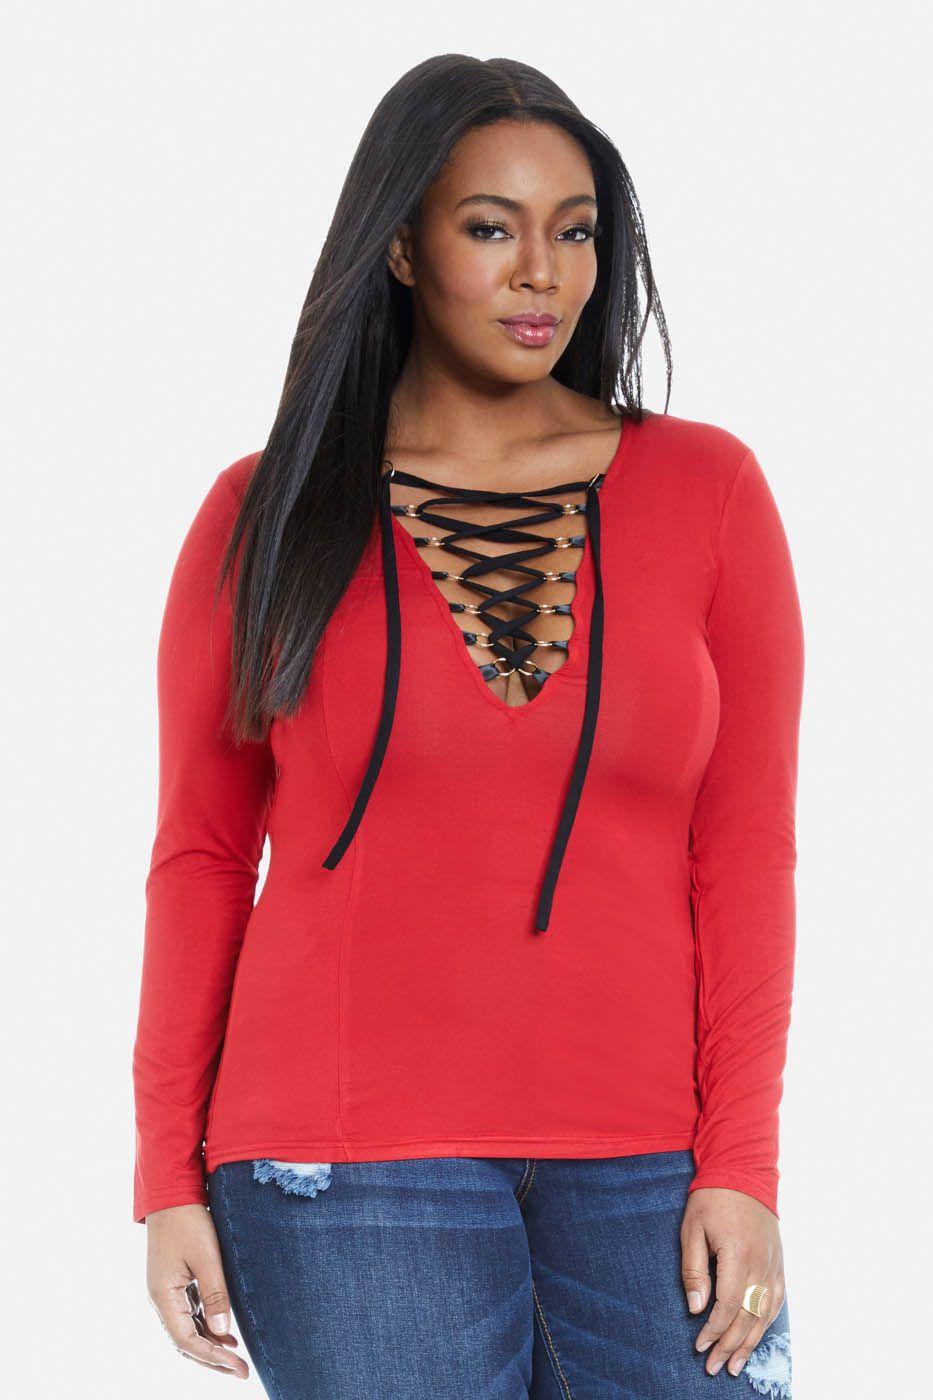 e8f85f8917 Molett Jules gyűrűs Lace-Up Top | Duci divat. | Trendy plus size ...